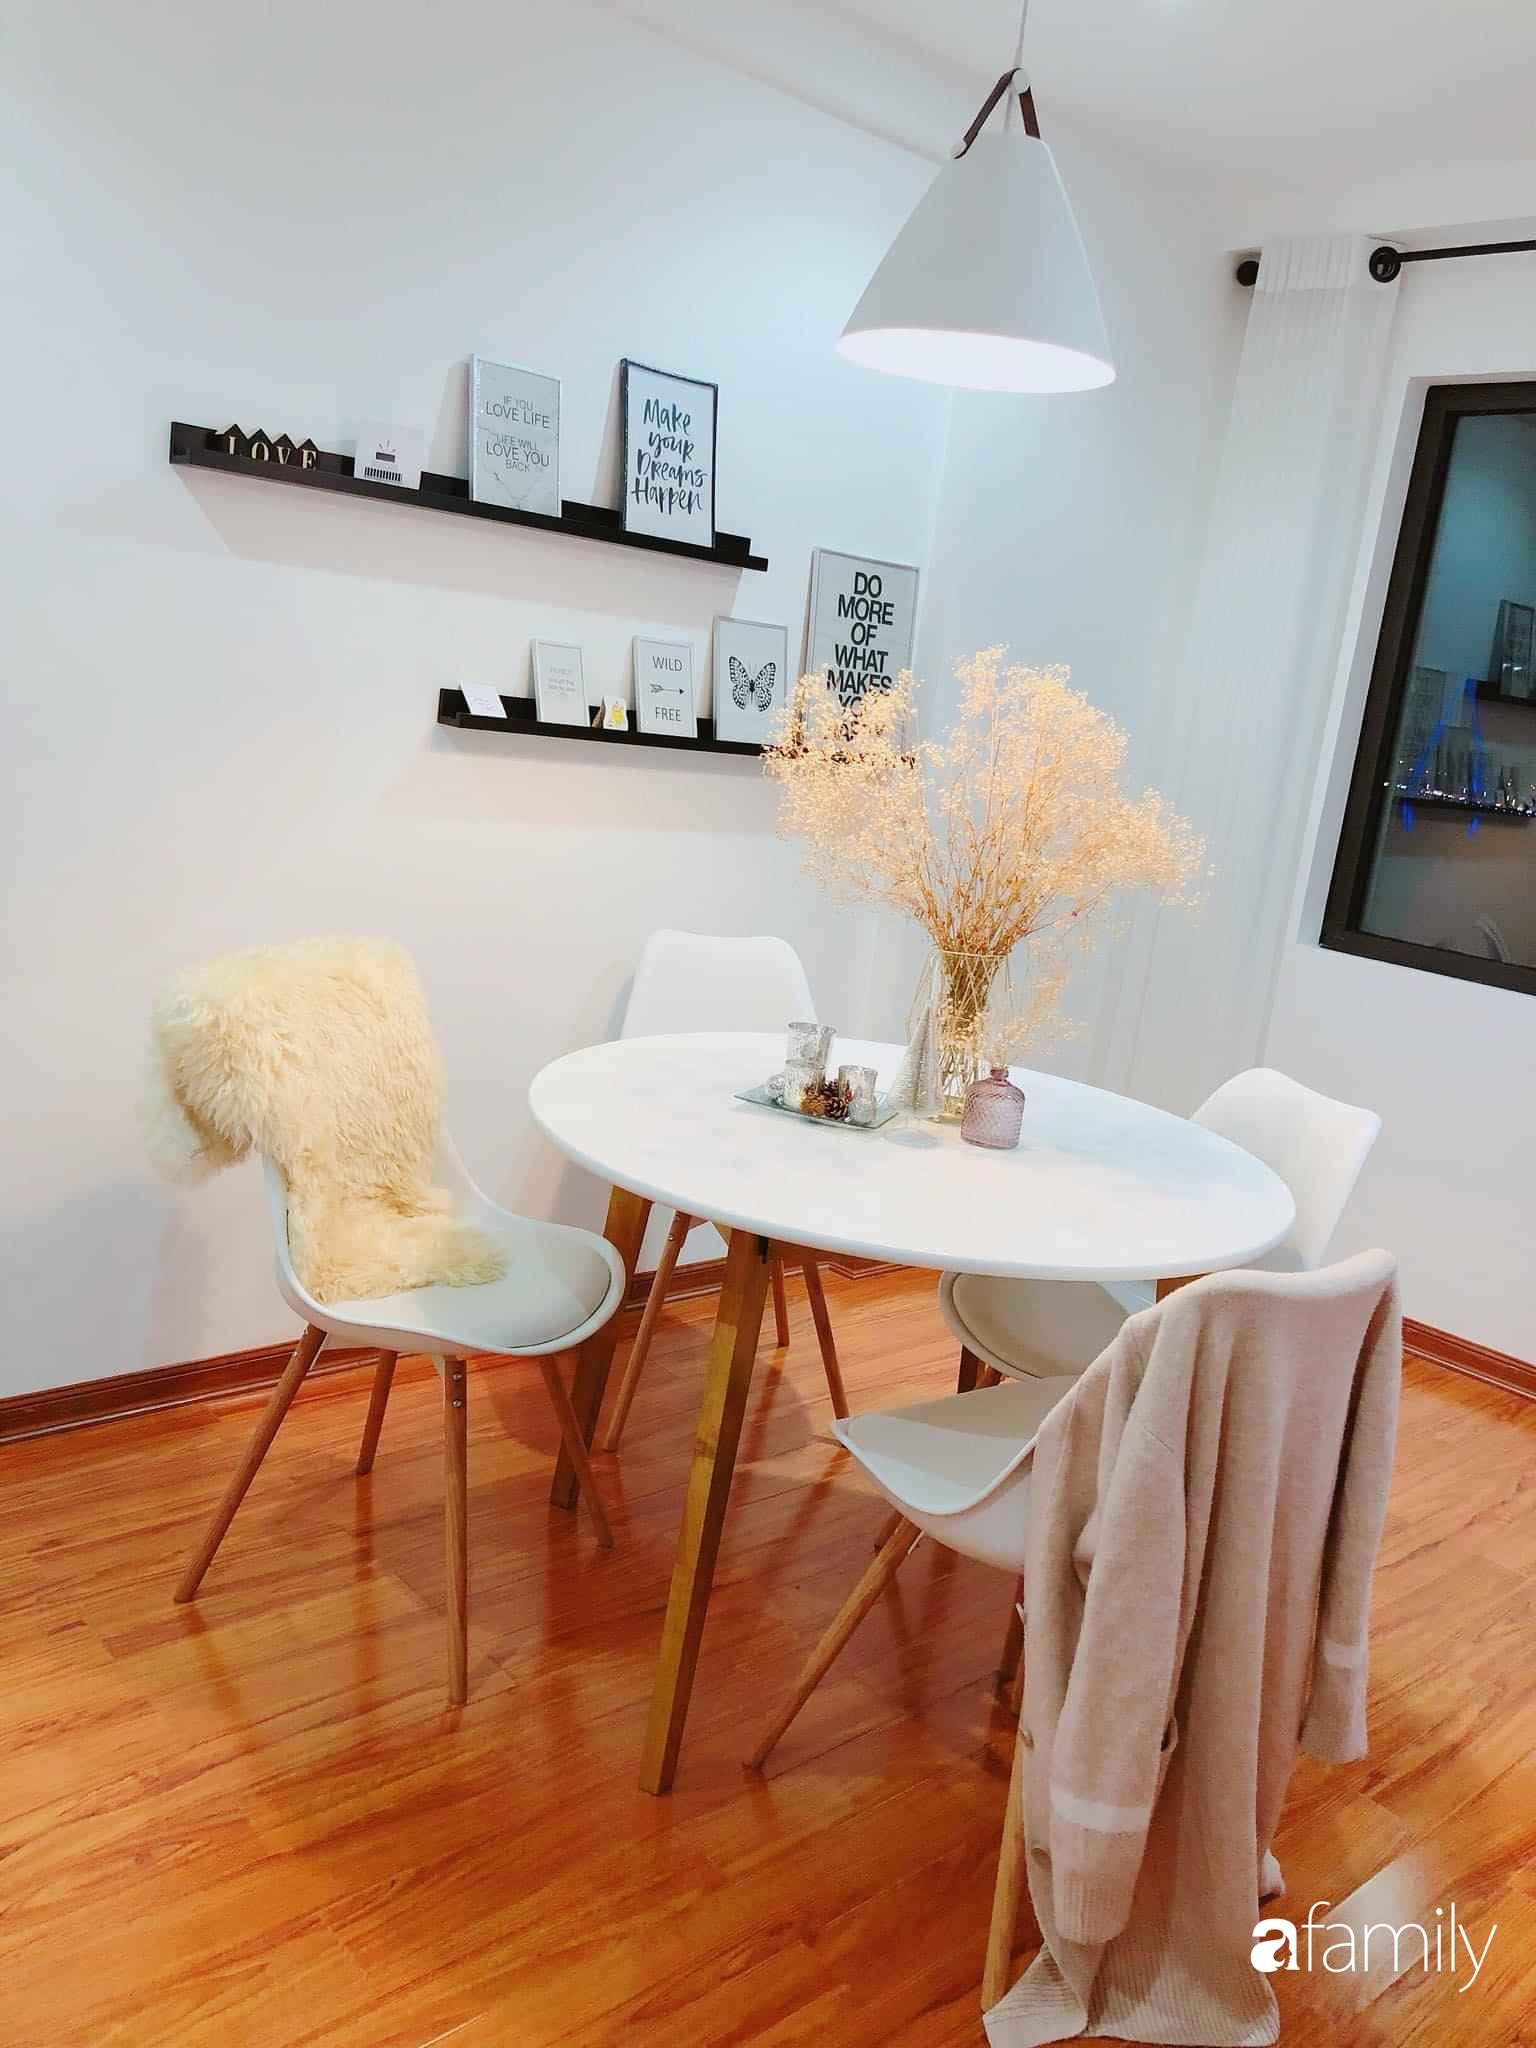 Bí quyết decor căn hộ 60m² luôn ngọt ngào và thoảng nhẹ hương thơm dịu dàng ở Hà Nội - Ảnh 18.